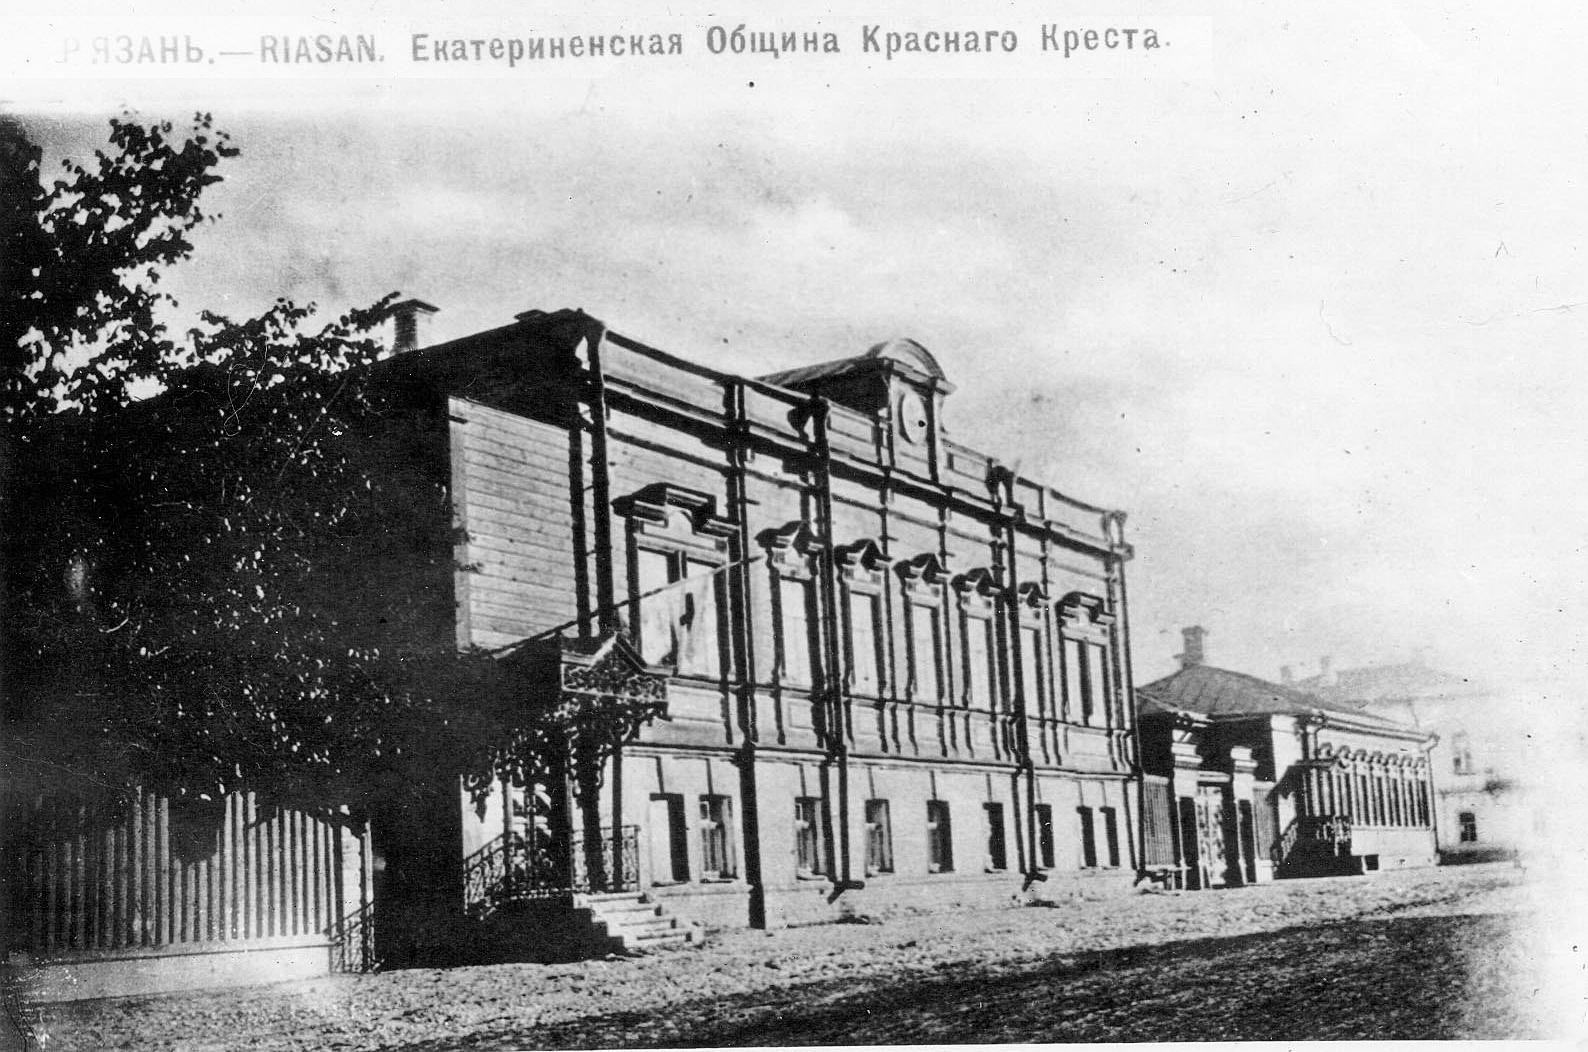 Введенская улица. Здание Рязанской Общины Красного Креста